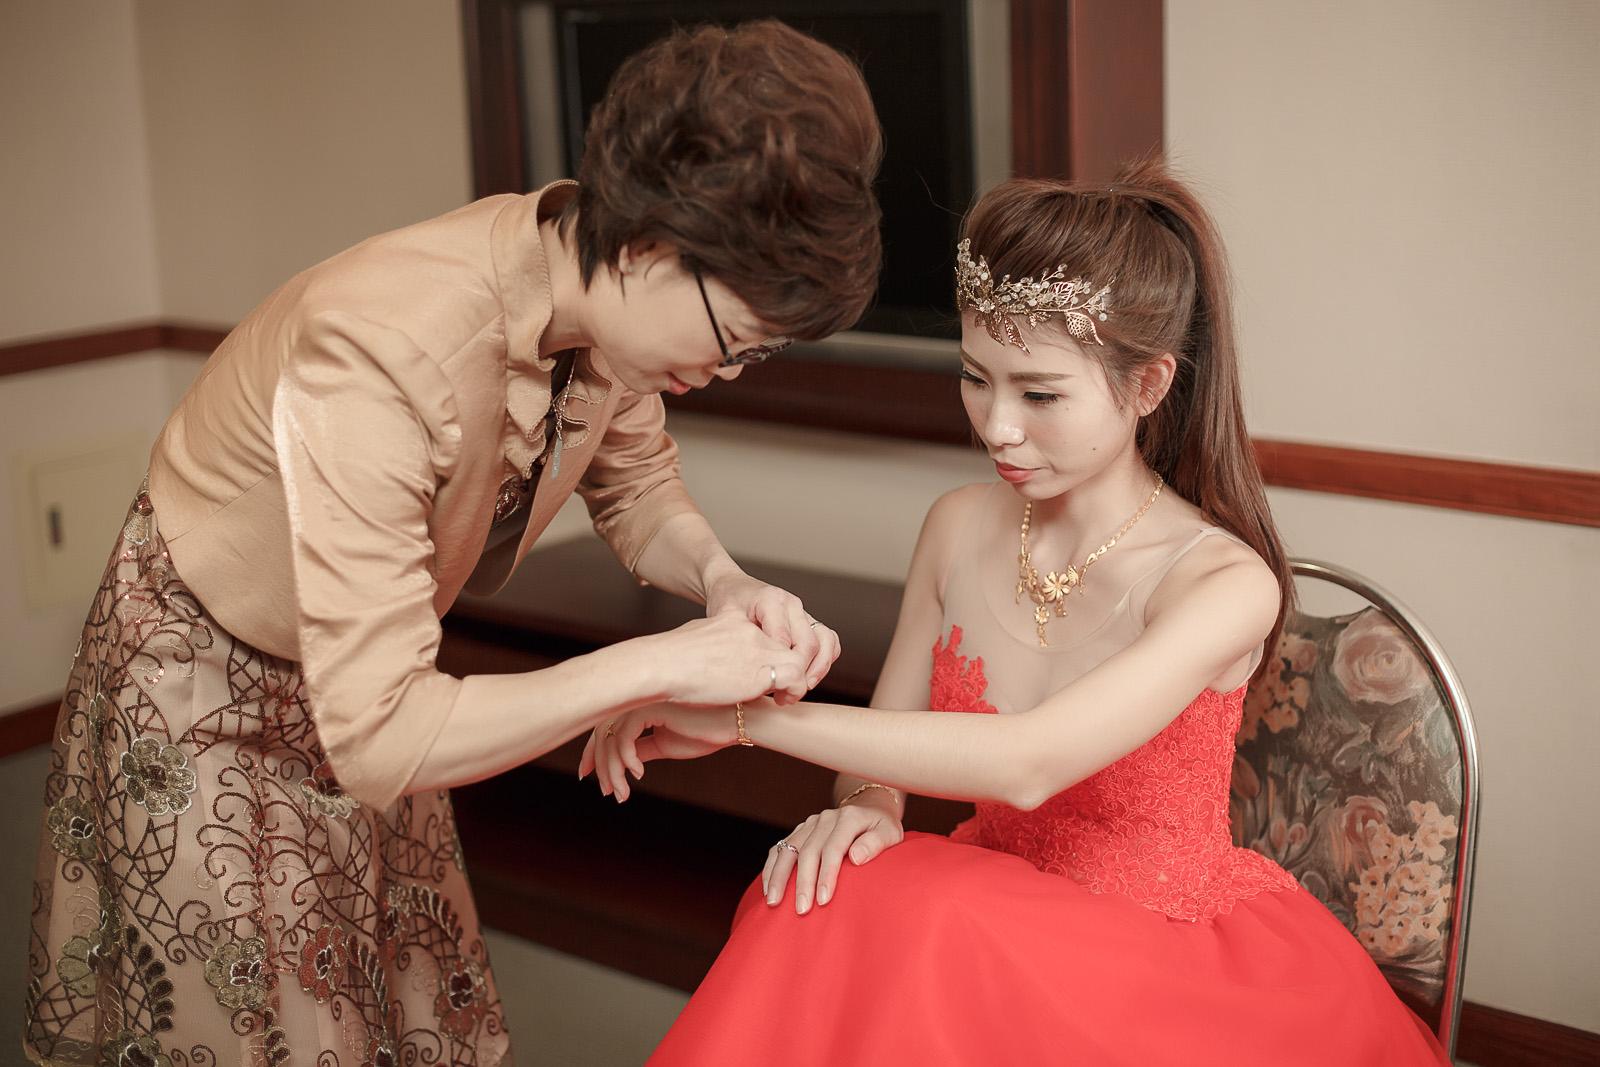 高雄圓山飯店,婚禮攝影,婚攝,高雄婚攝,優質婚攝推薦,Jen&Ethan-039